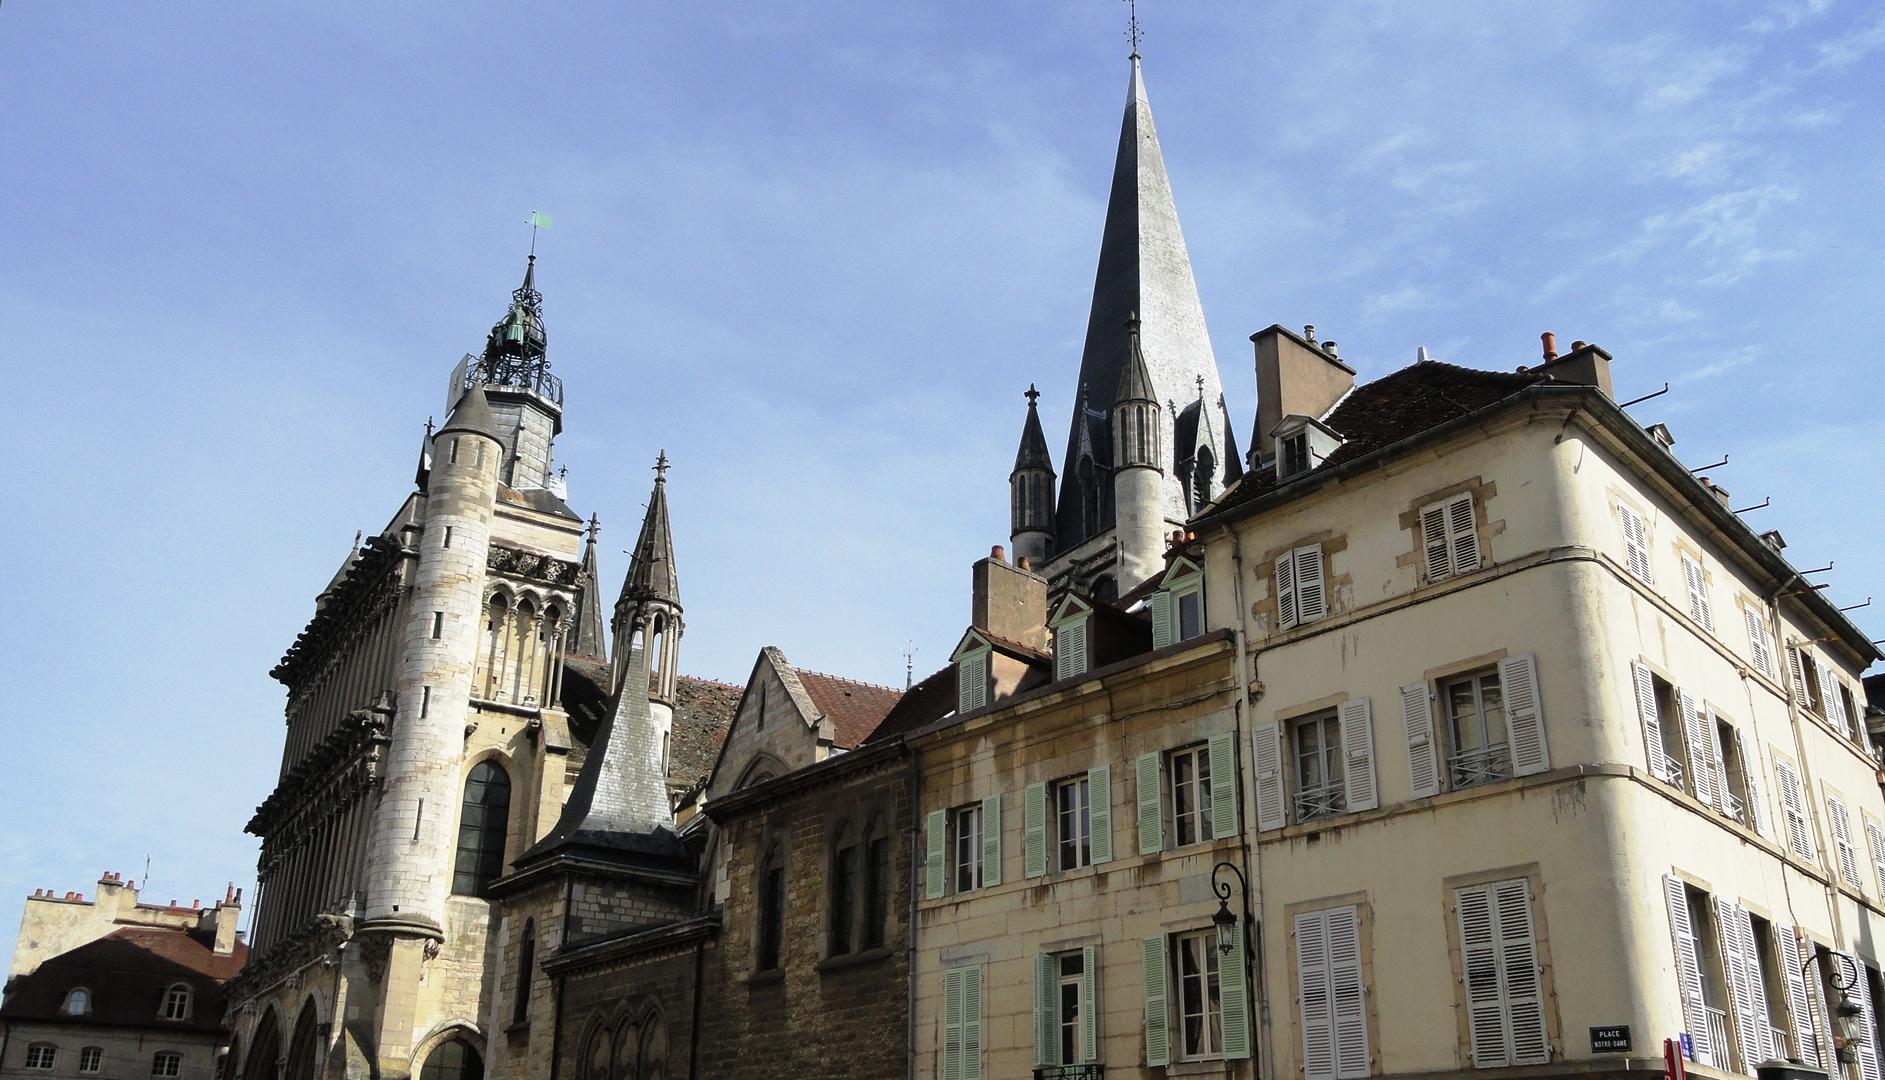 Dijon - Façades, Place Notre-Dame